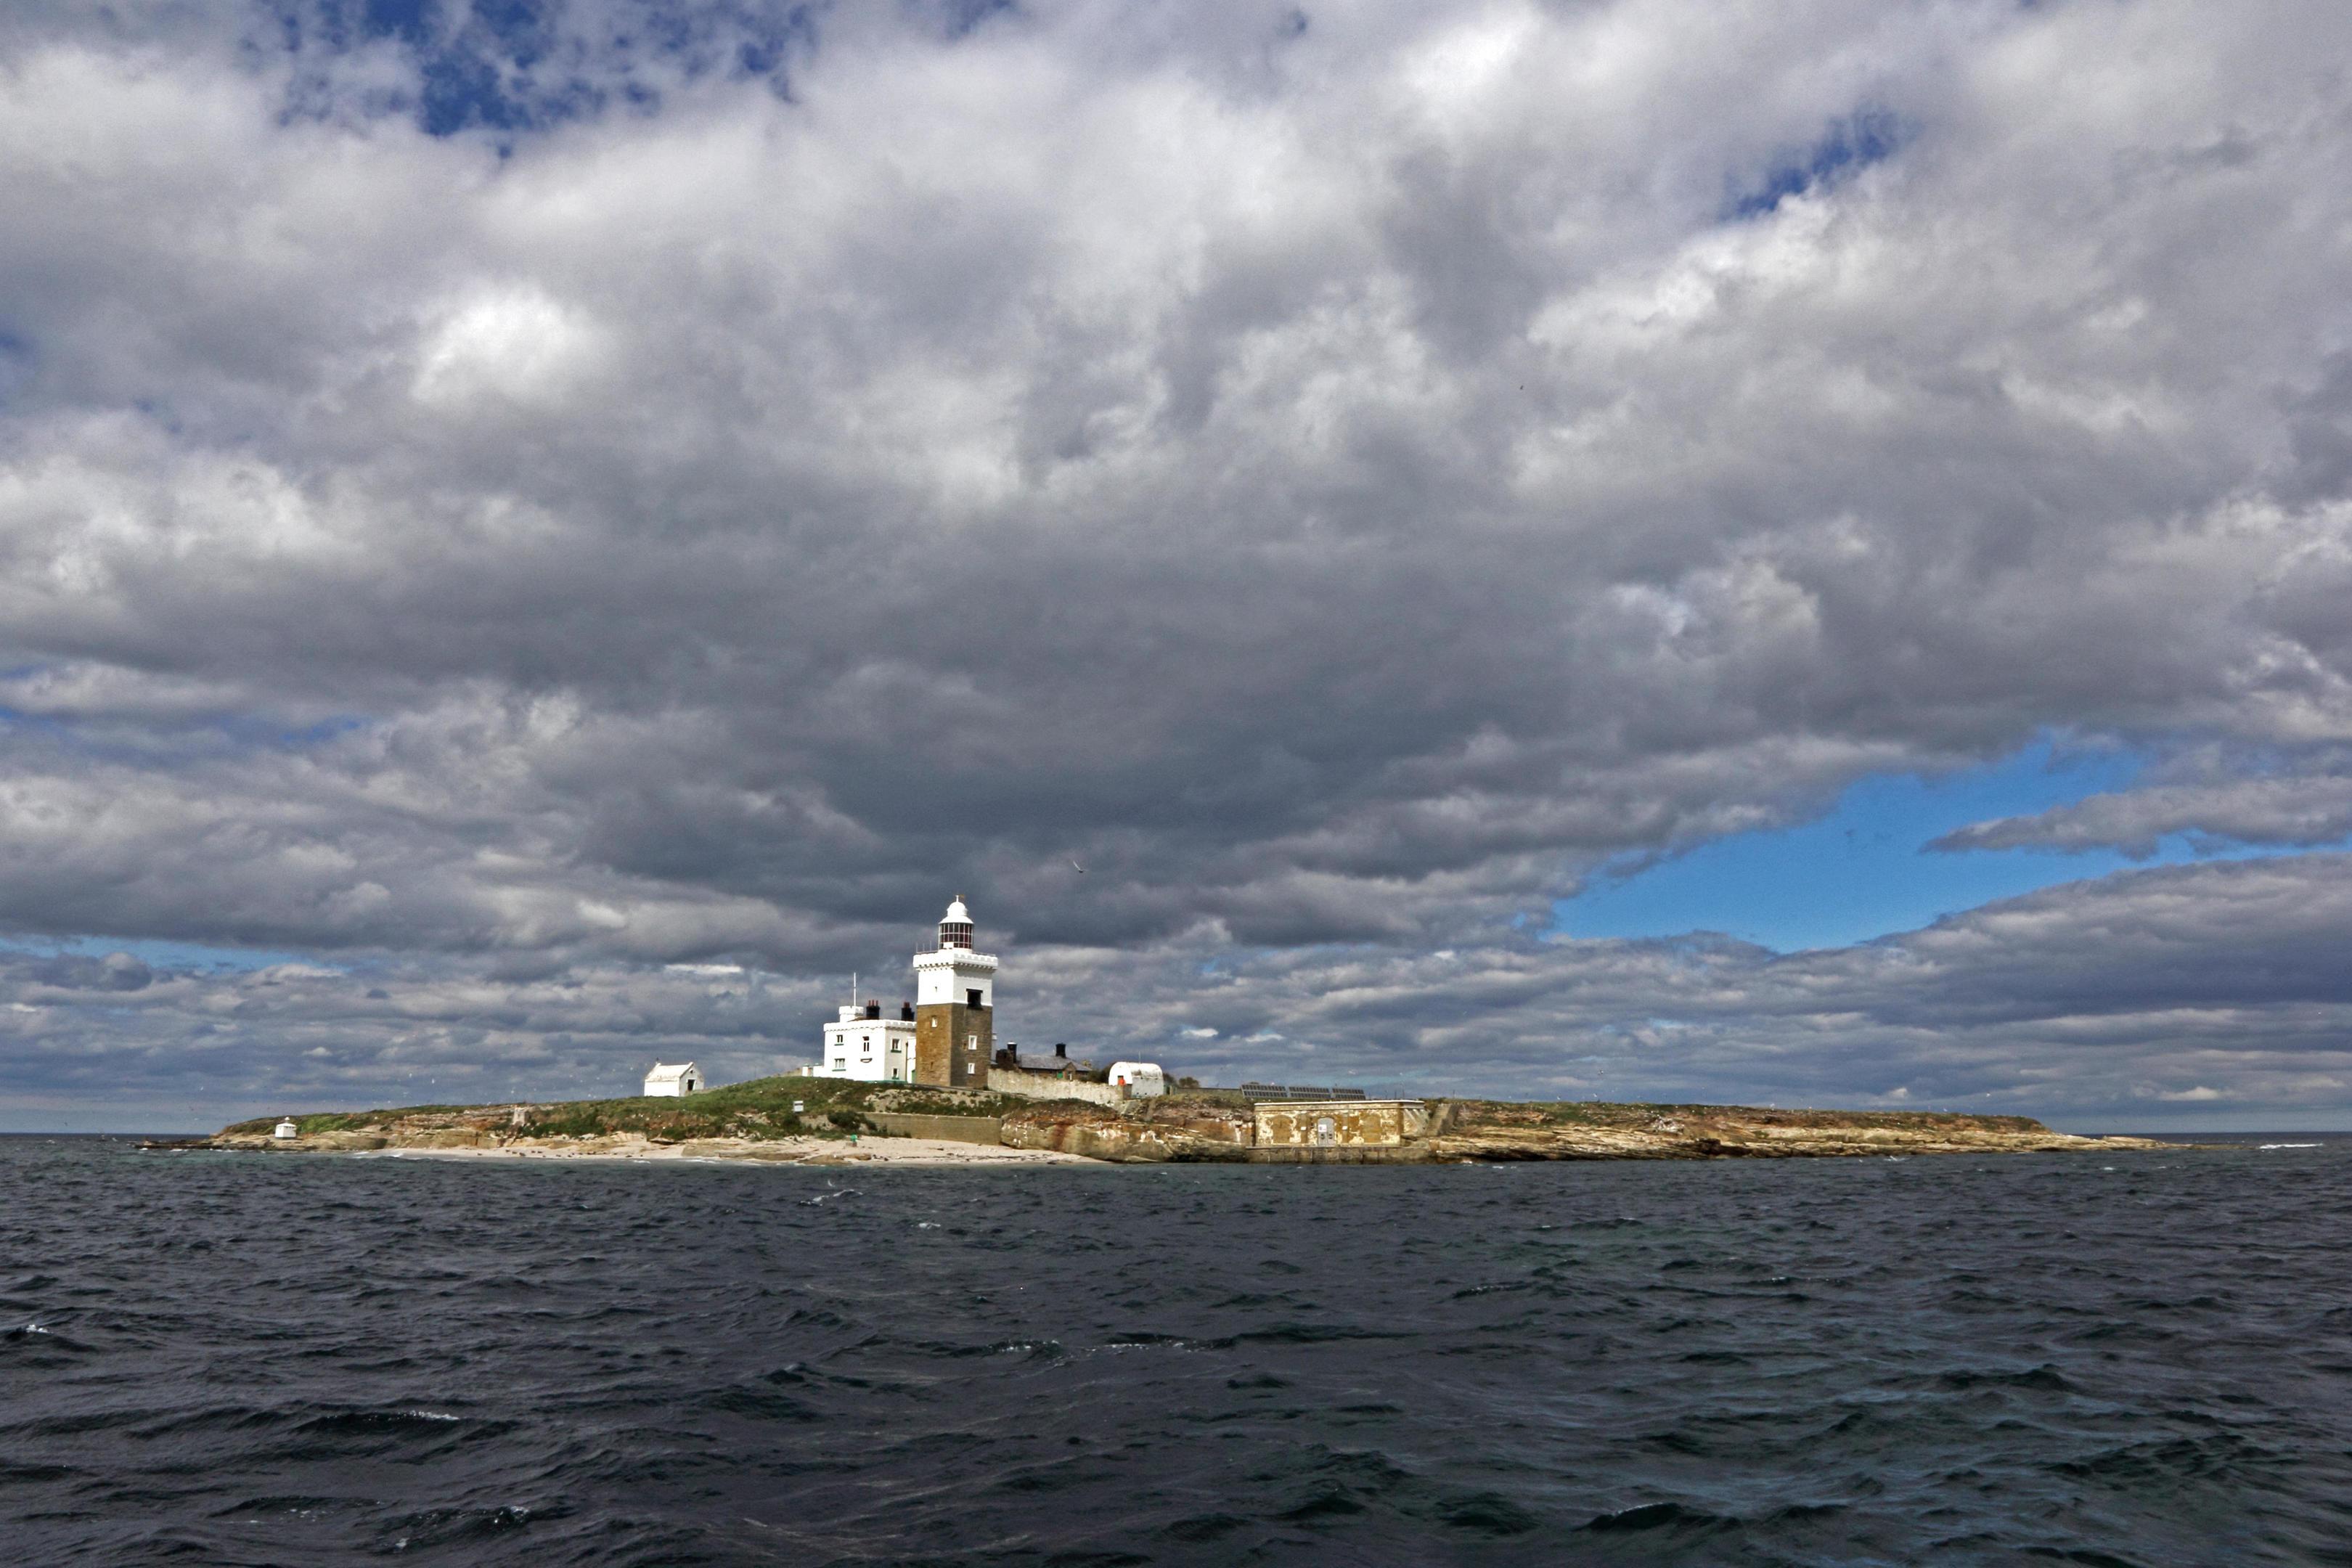 Coquet Island, Amble, Northumberland (Alamy)